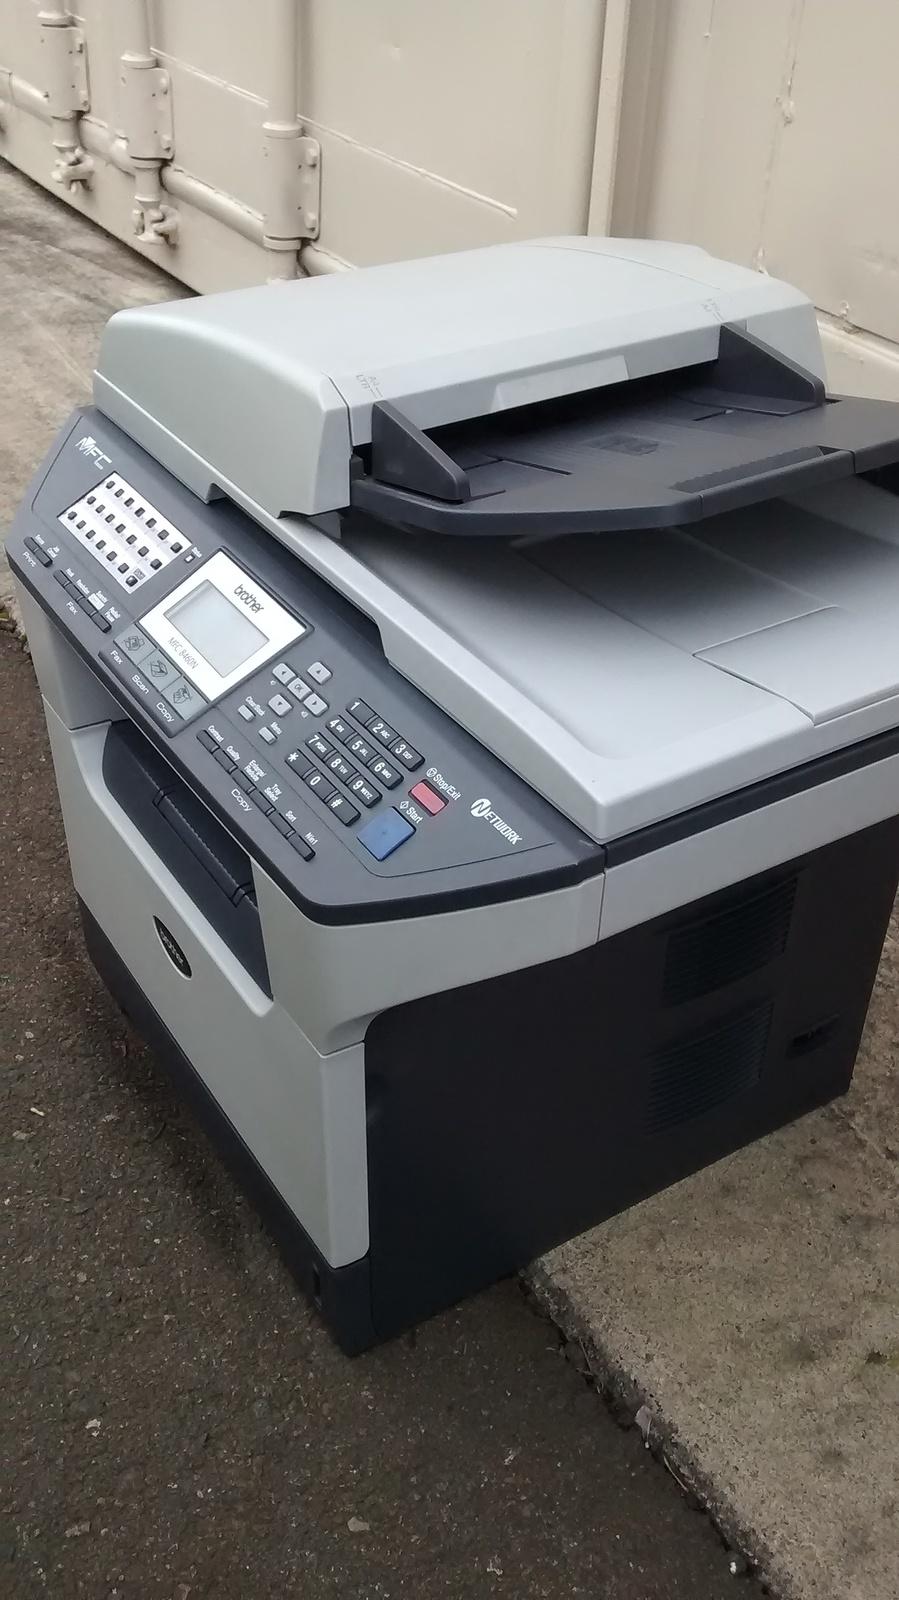 brother mfc 8460n multifunction laserjet printer copiers. Black Bedroom Furniture Sets. Home Design Ideas